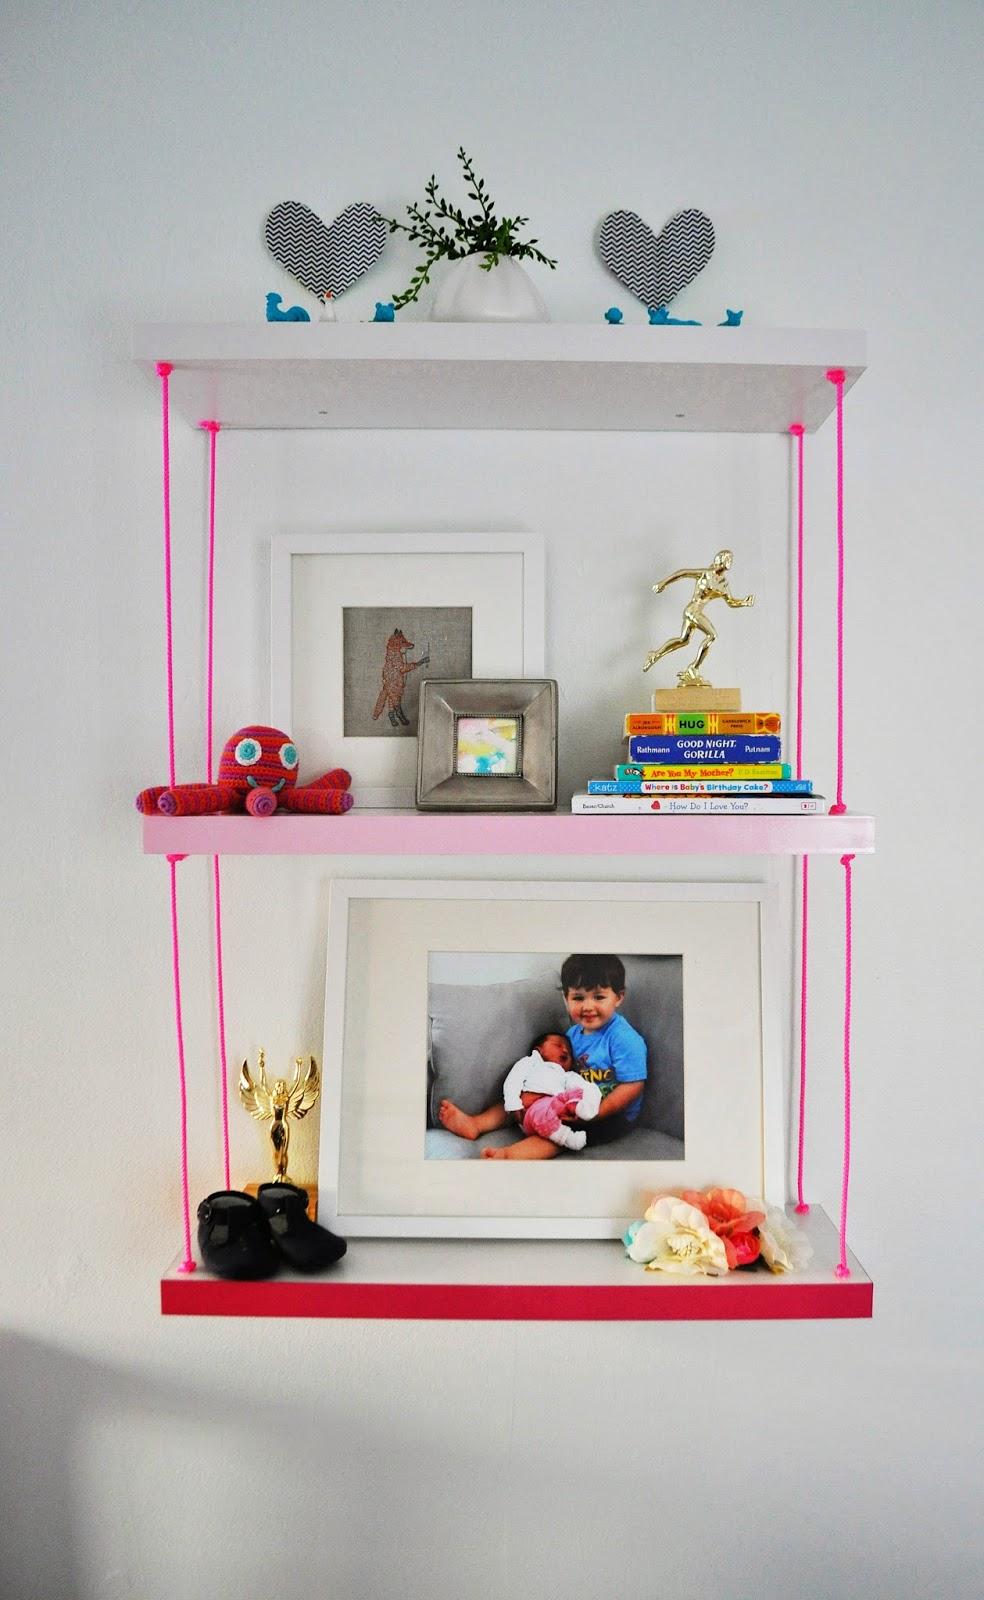 Shelves+straight+on